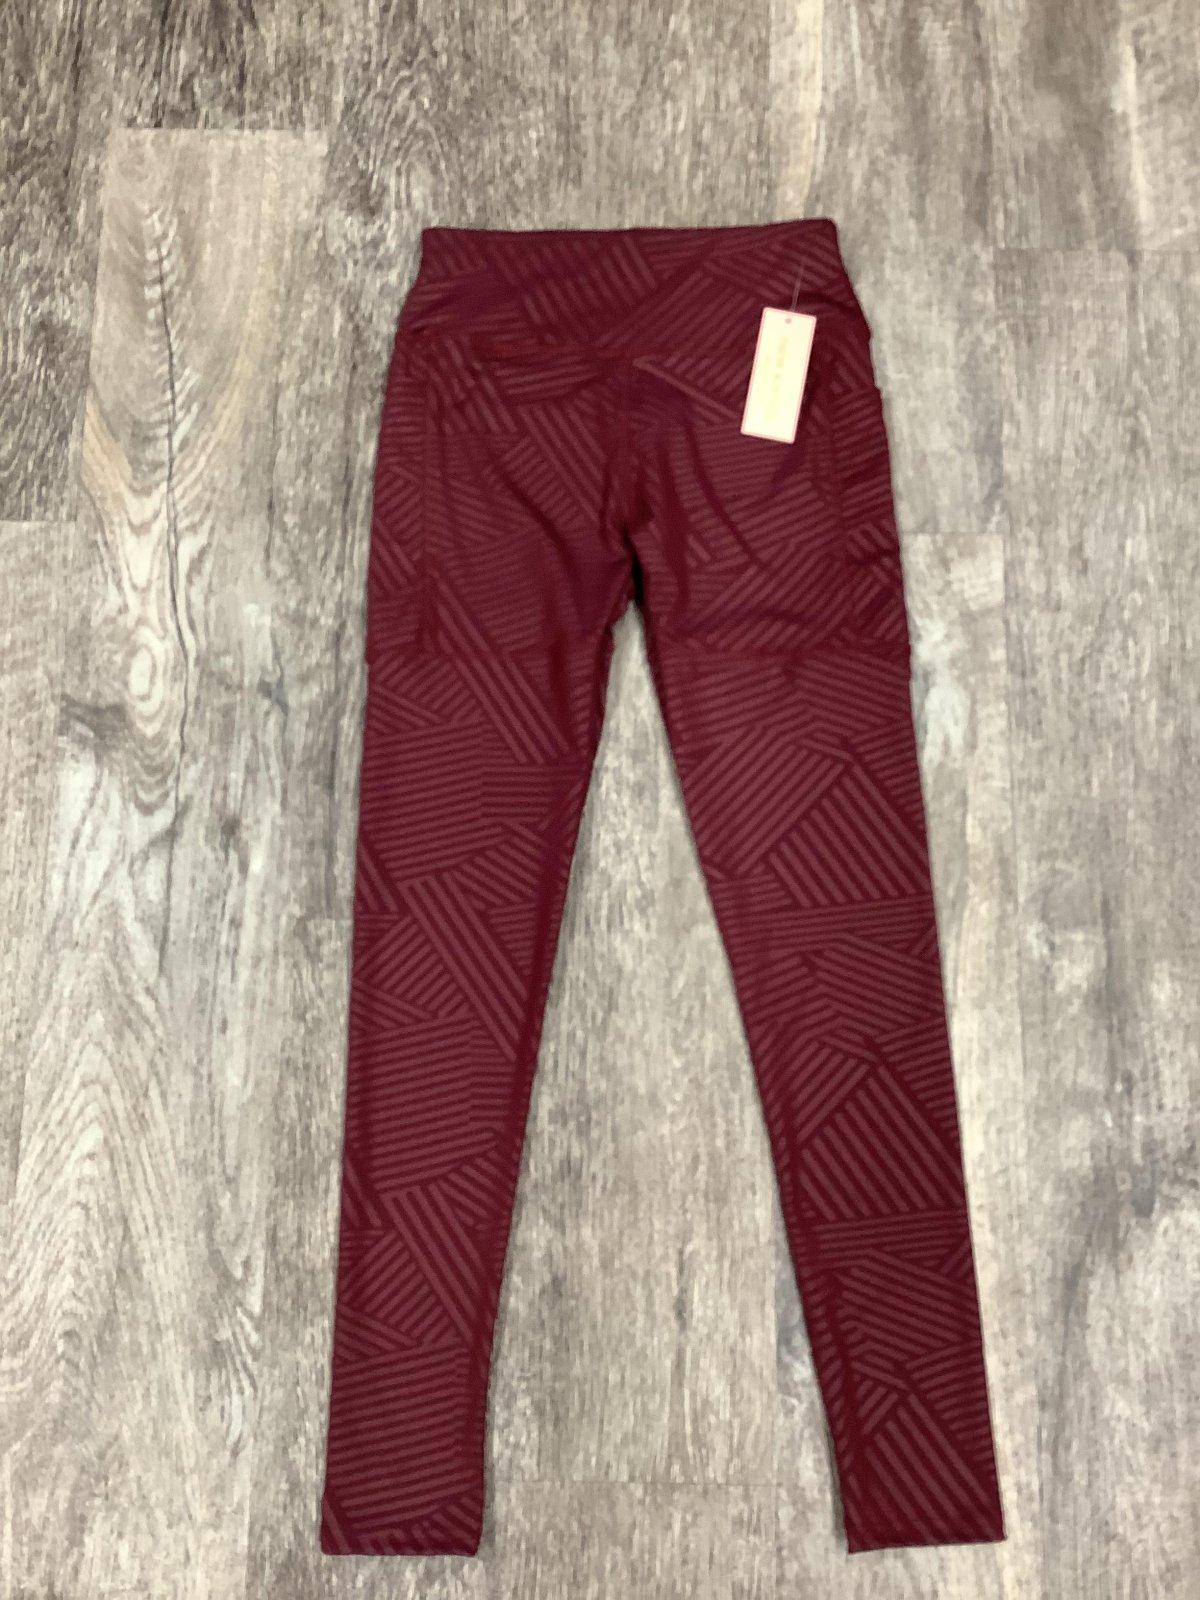 Burgundy Side Pocket Striped Athletic Legging